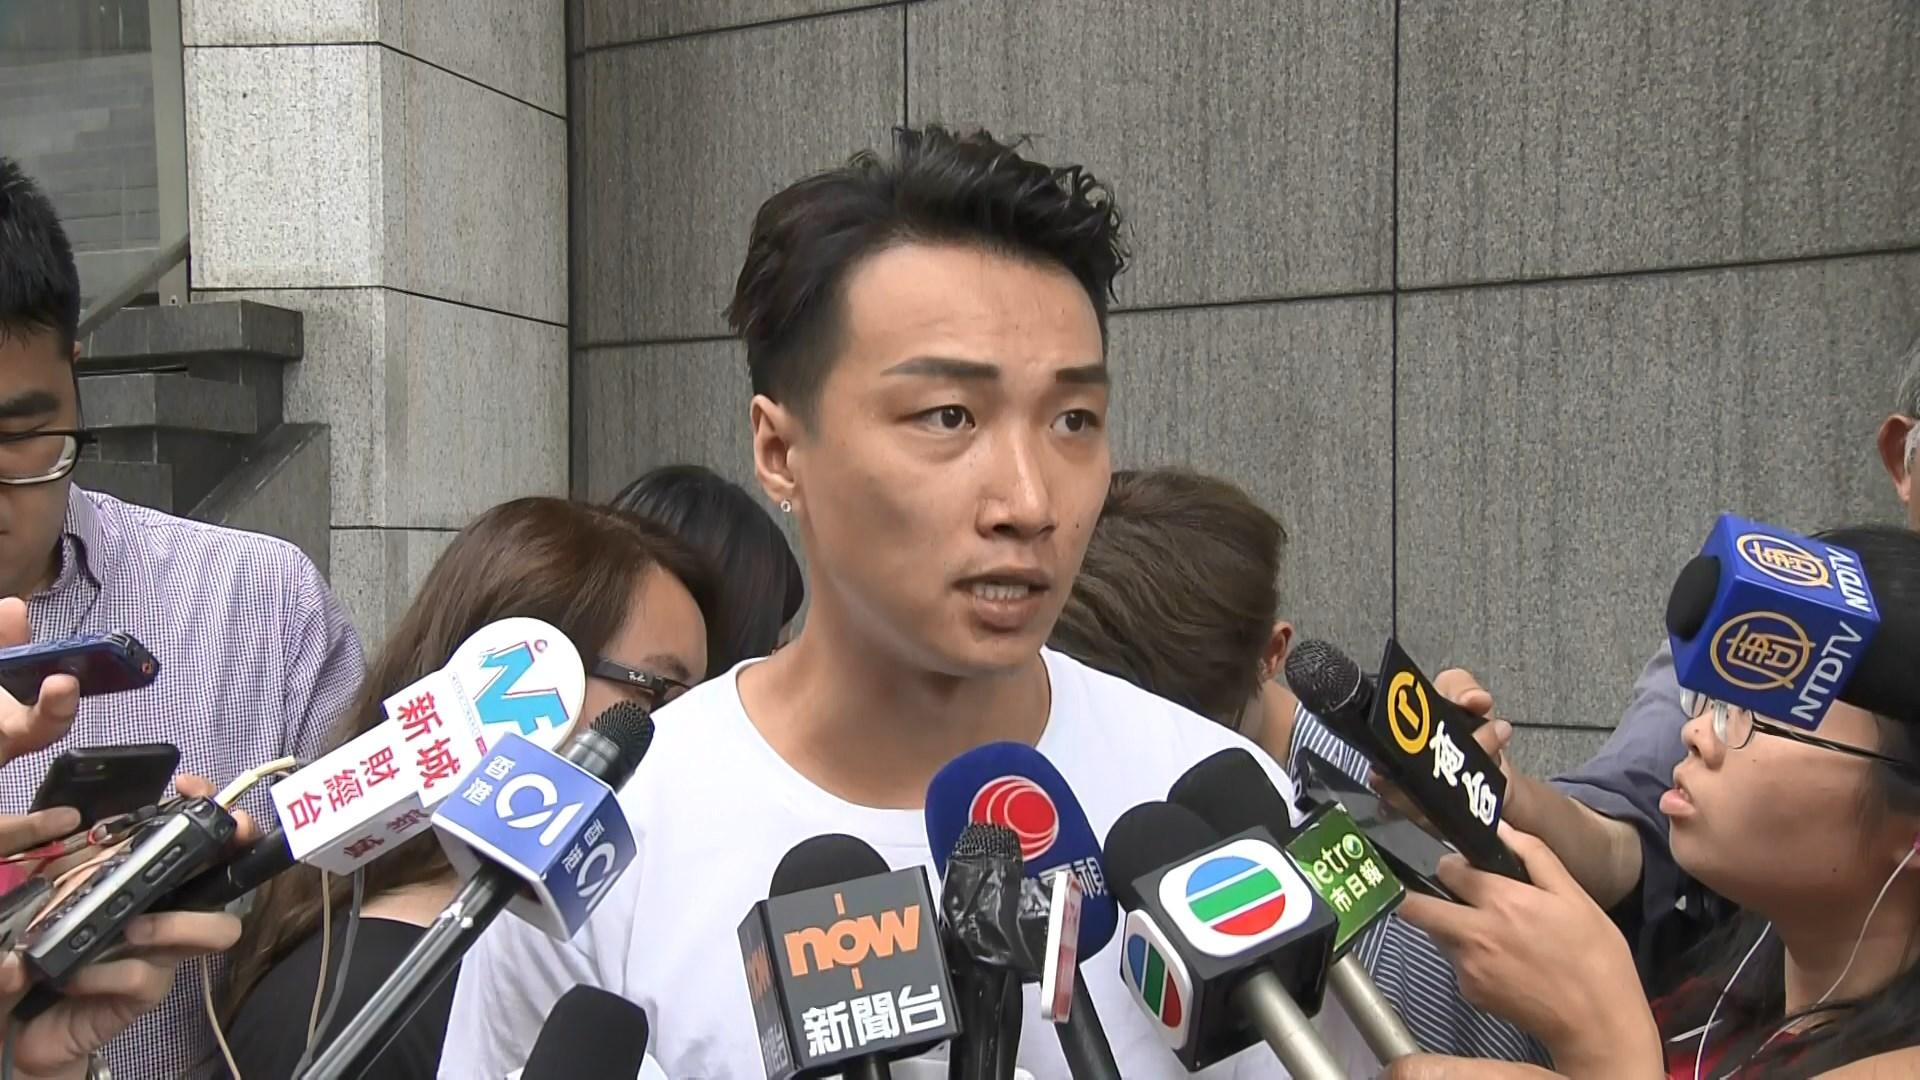 民陣發起周日遊行爭取成立獨立調查委員會